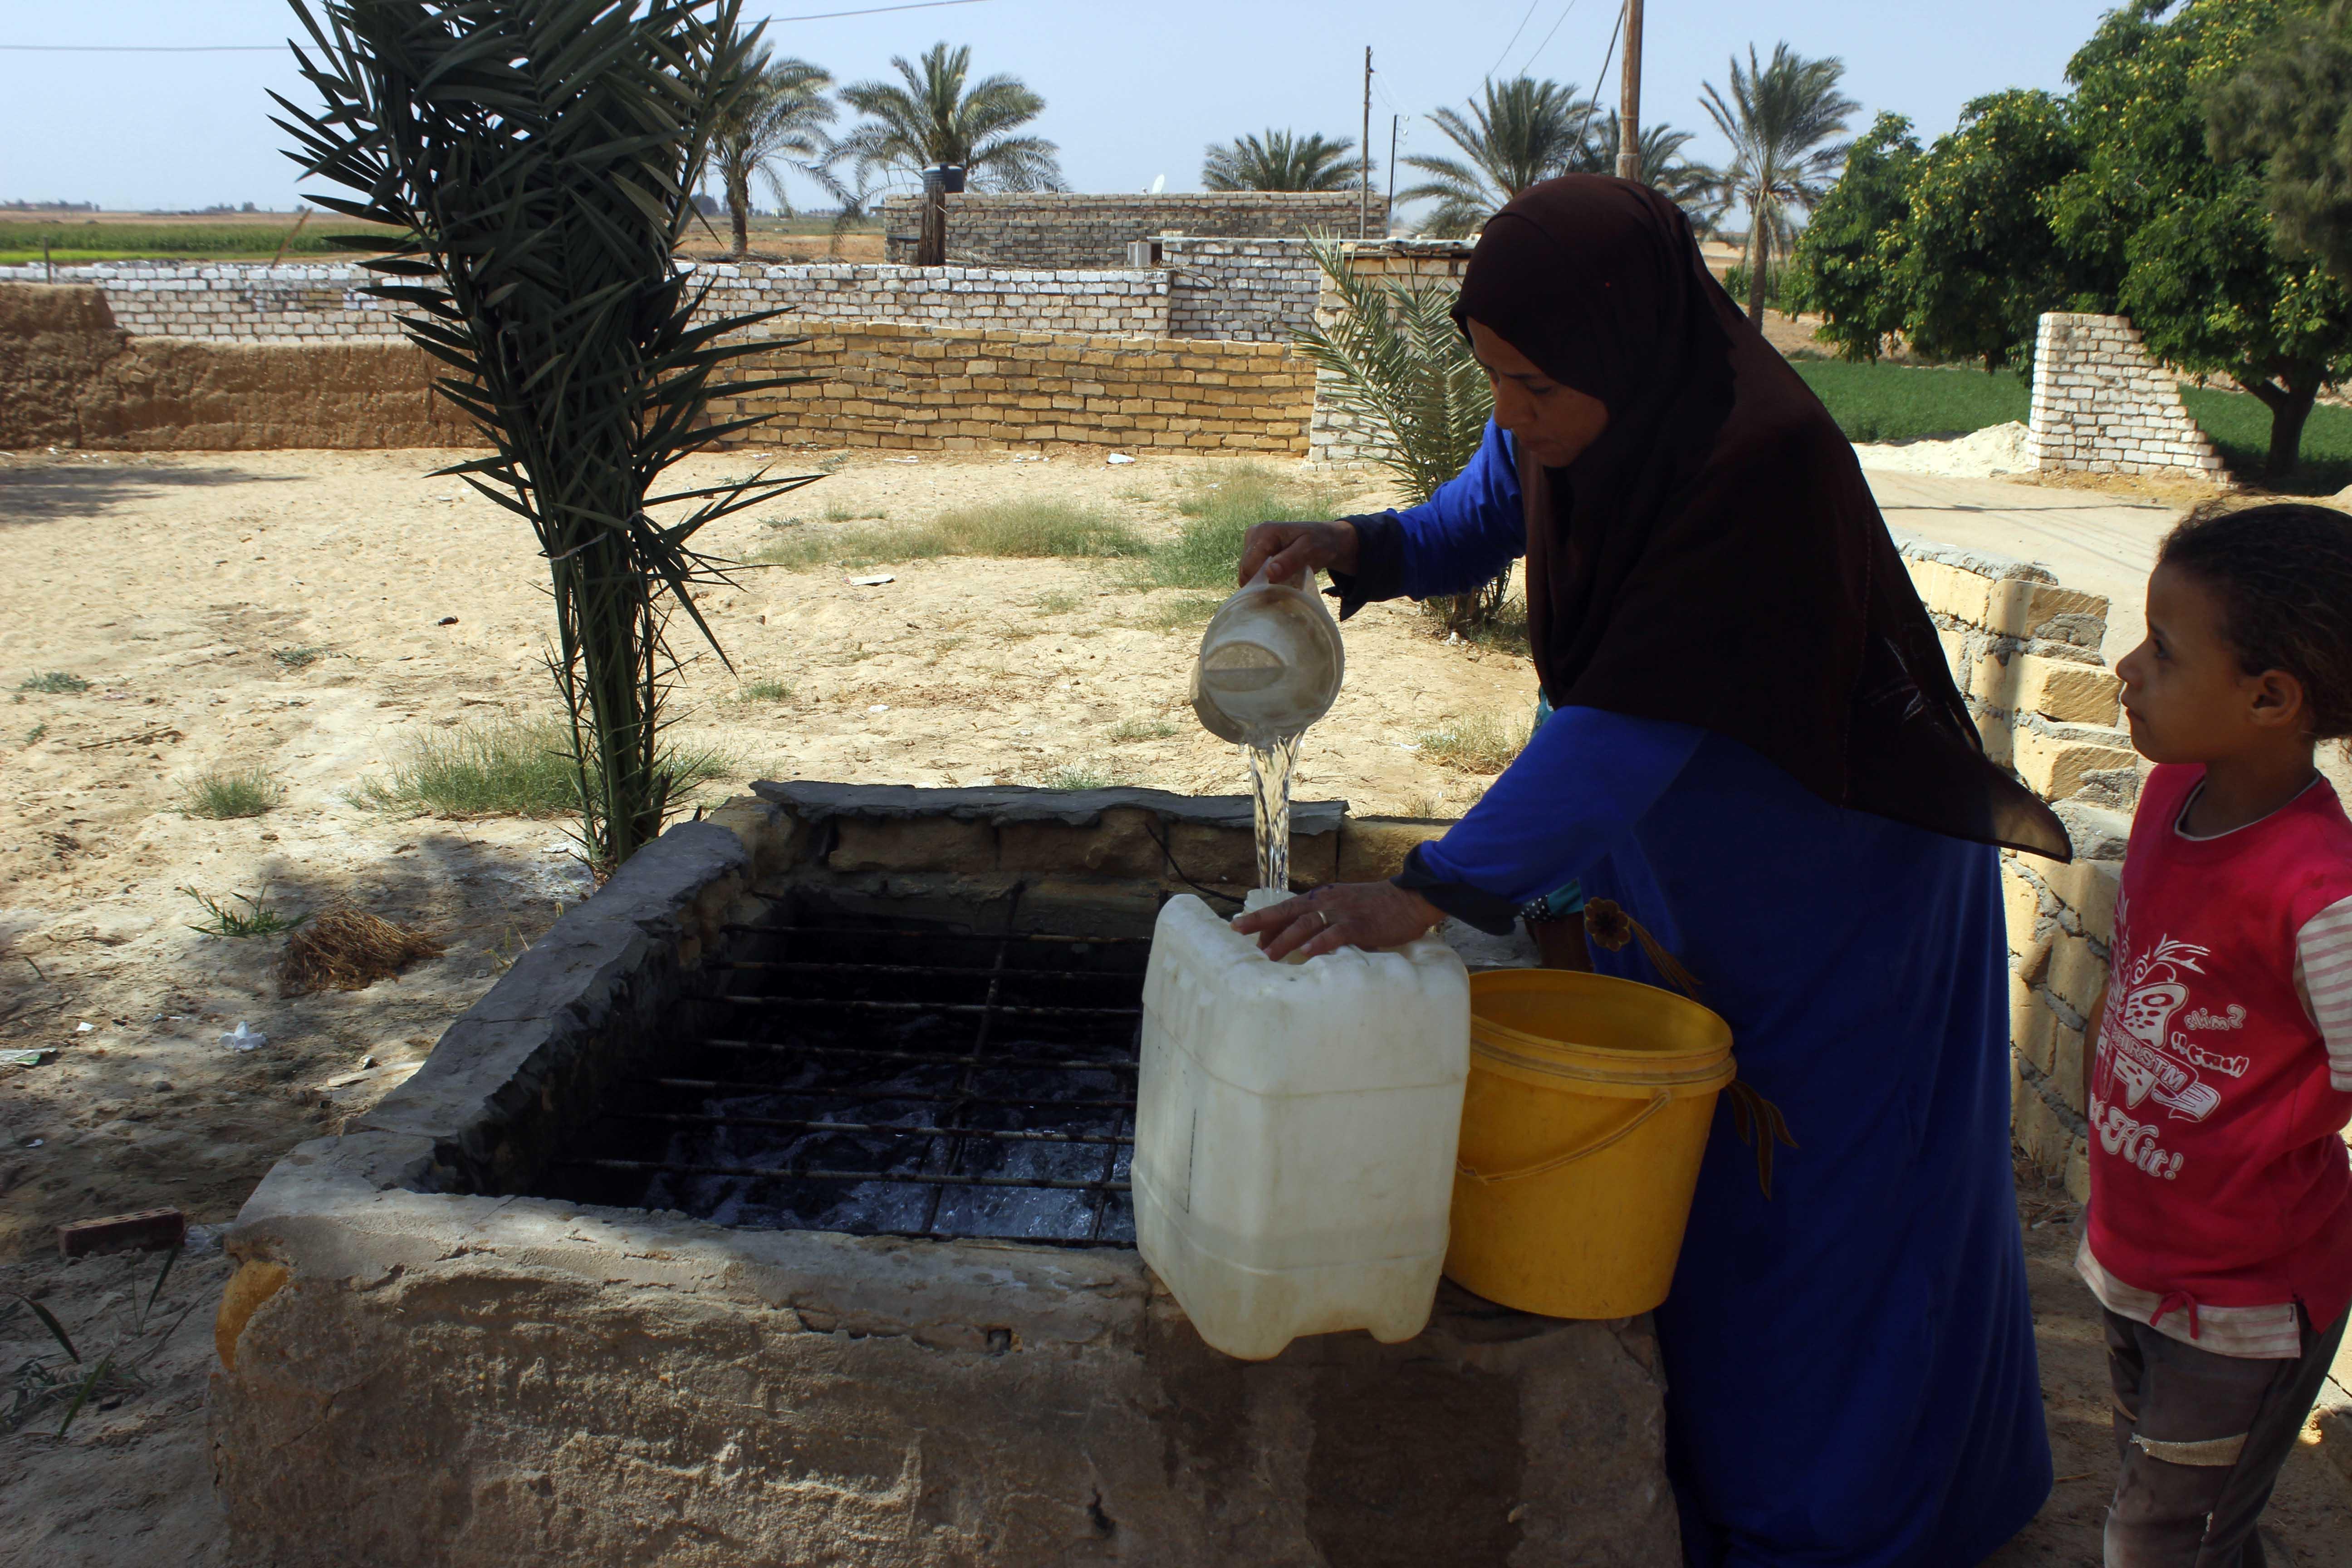 قري  تعيش بدون مياه  شرب  لأربعة أشهر  - تصوير  محمد عوض  (17)